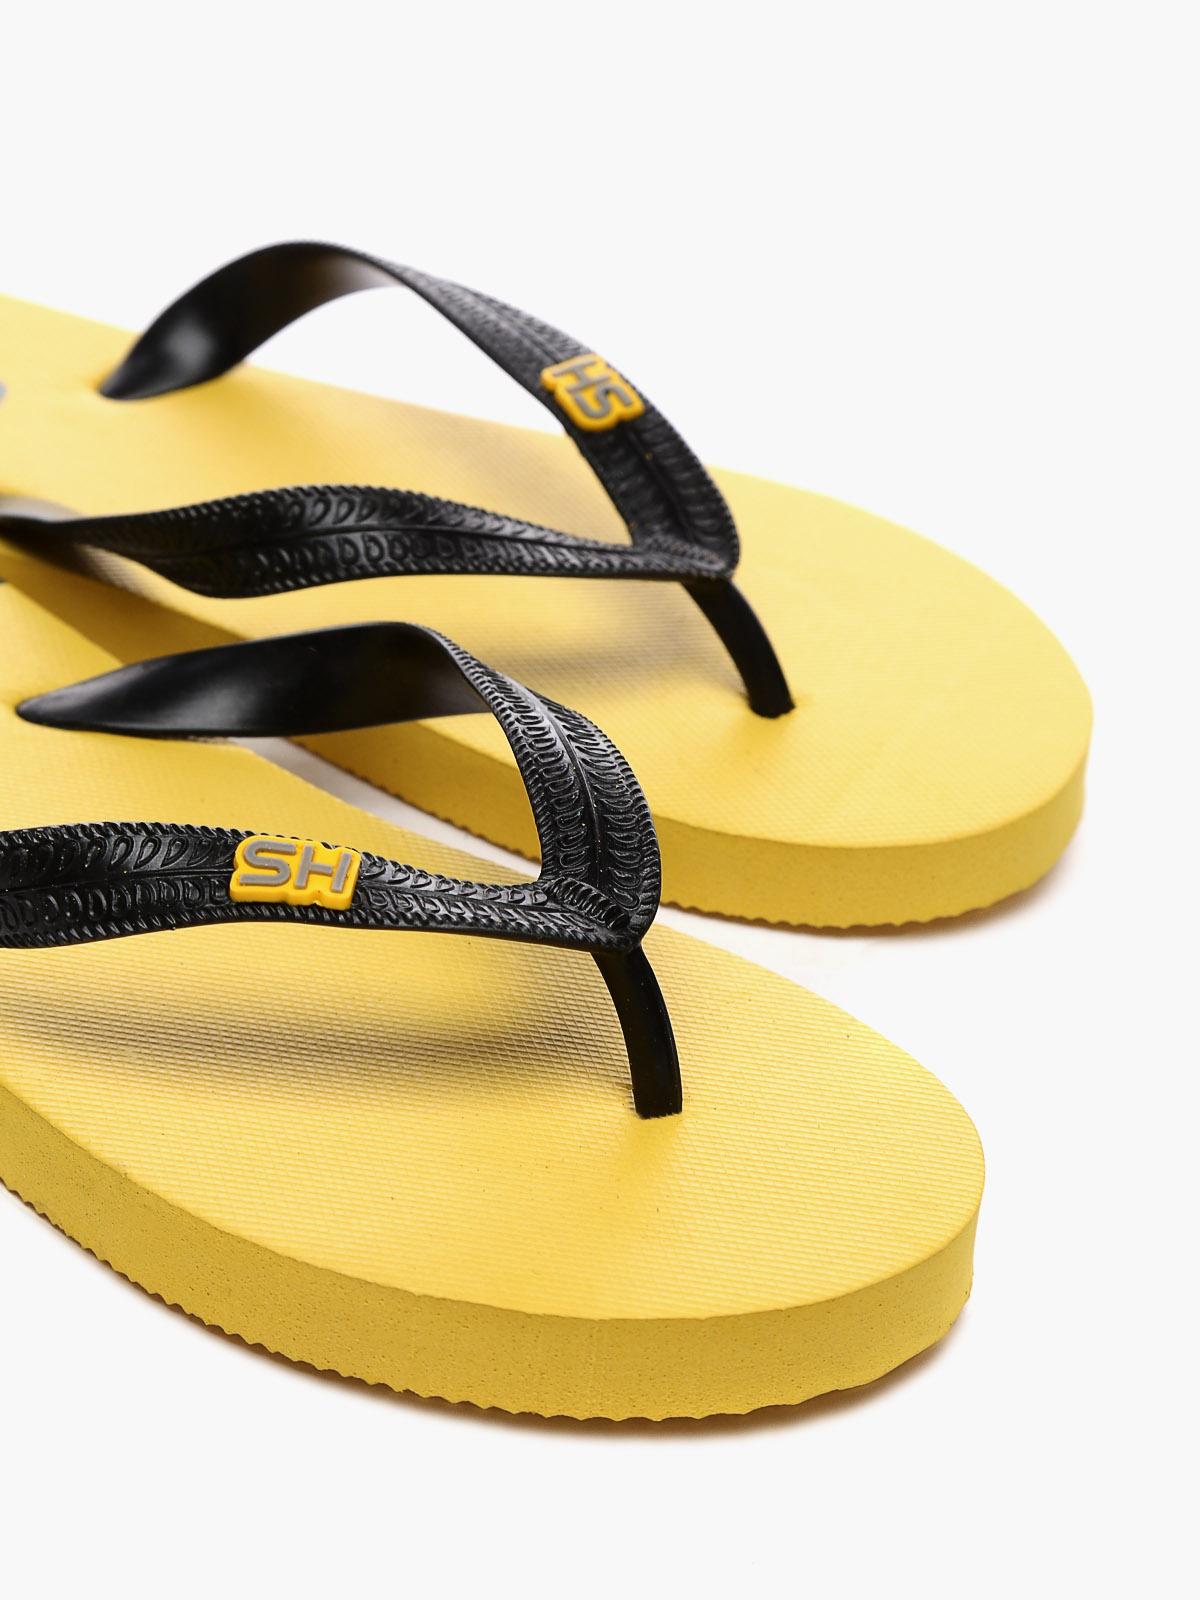 Летняя обувь для мальчиков: полезные советы по выбору пары